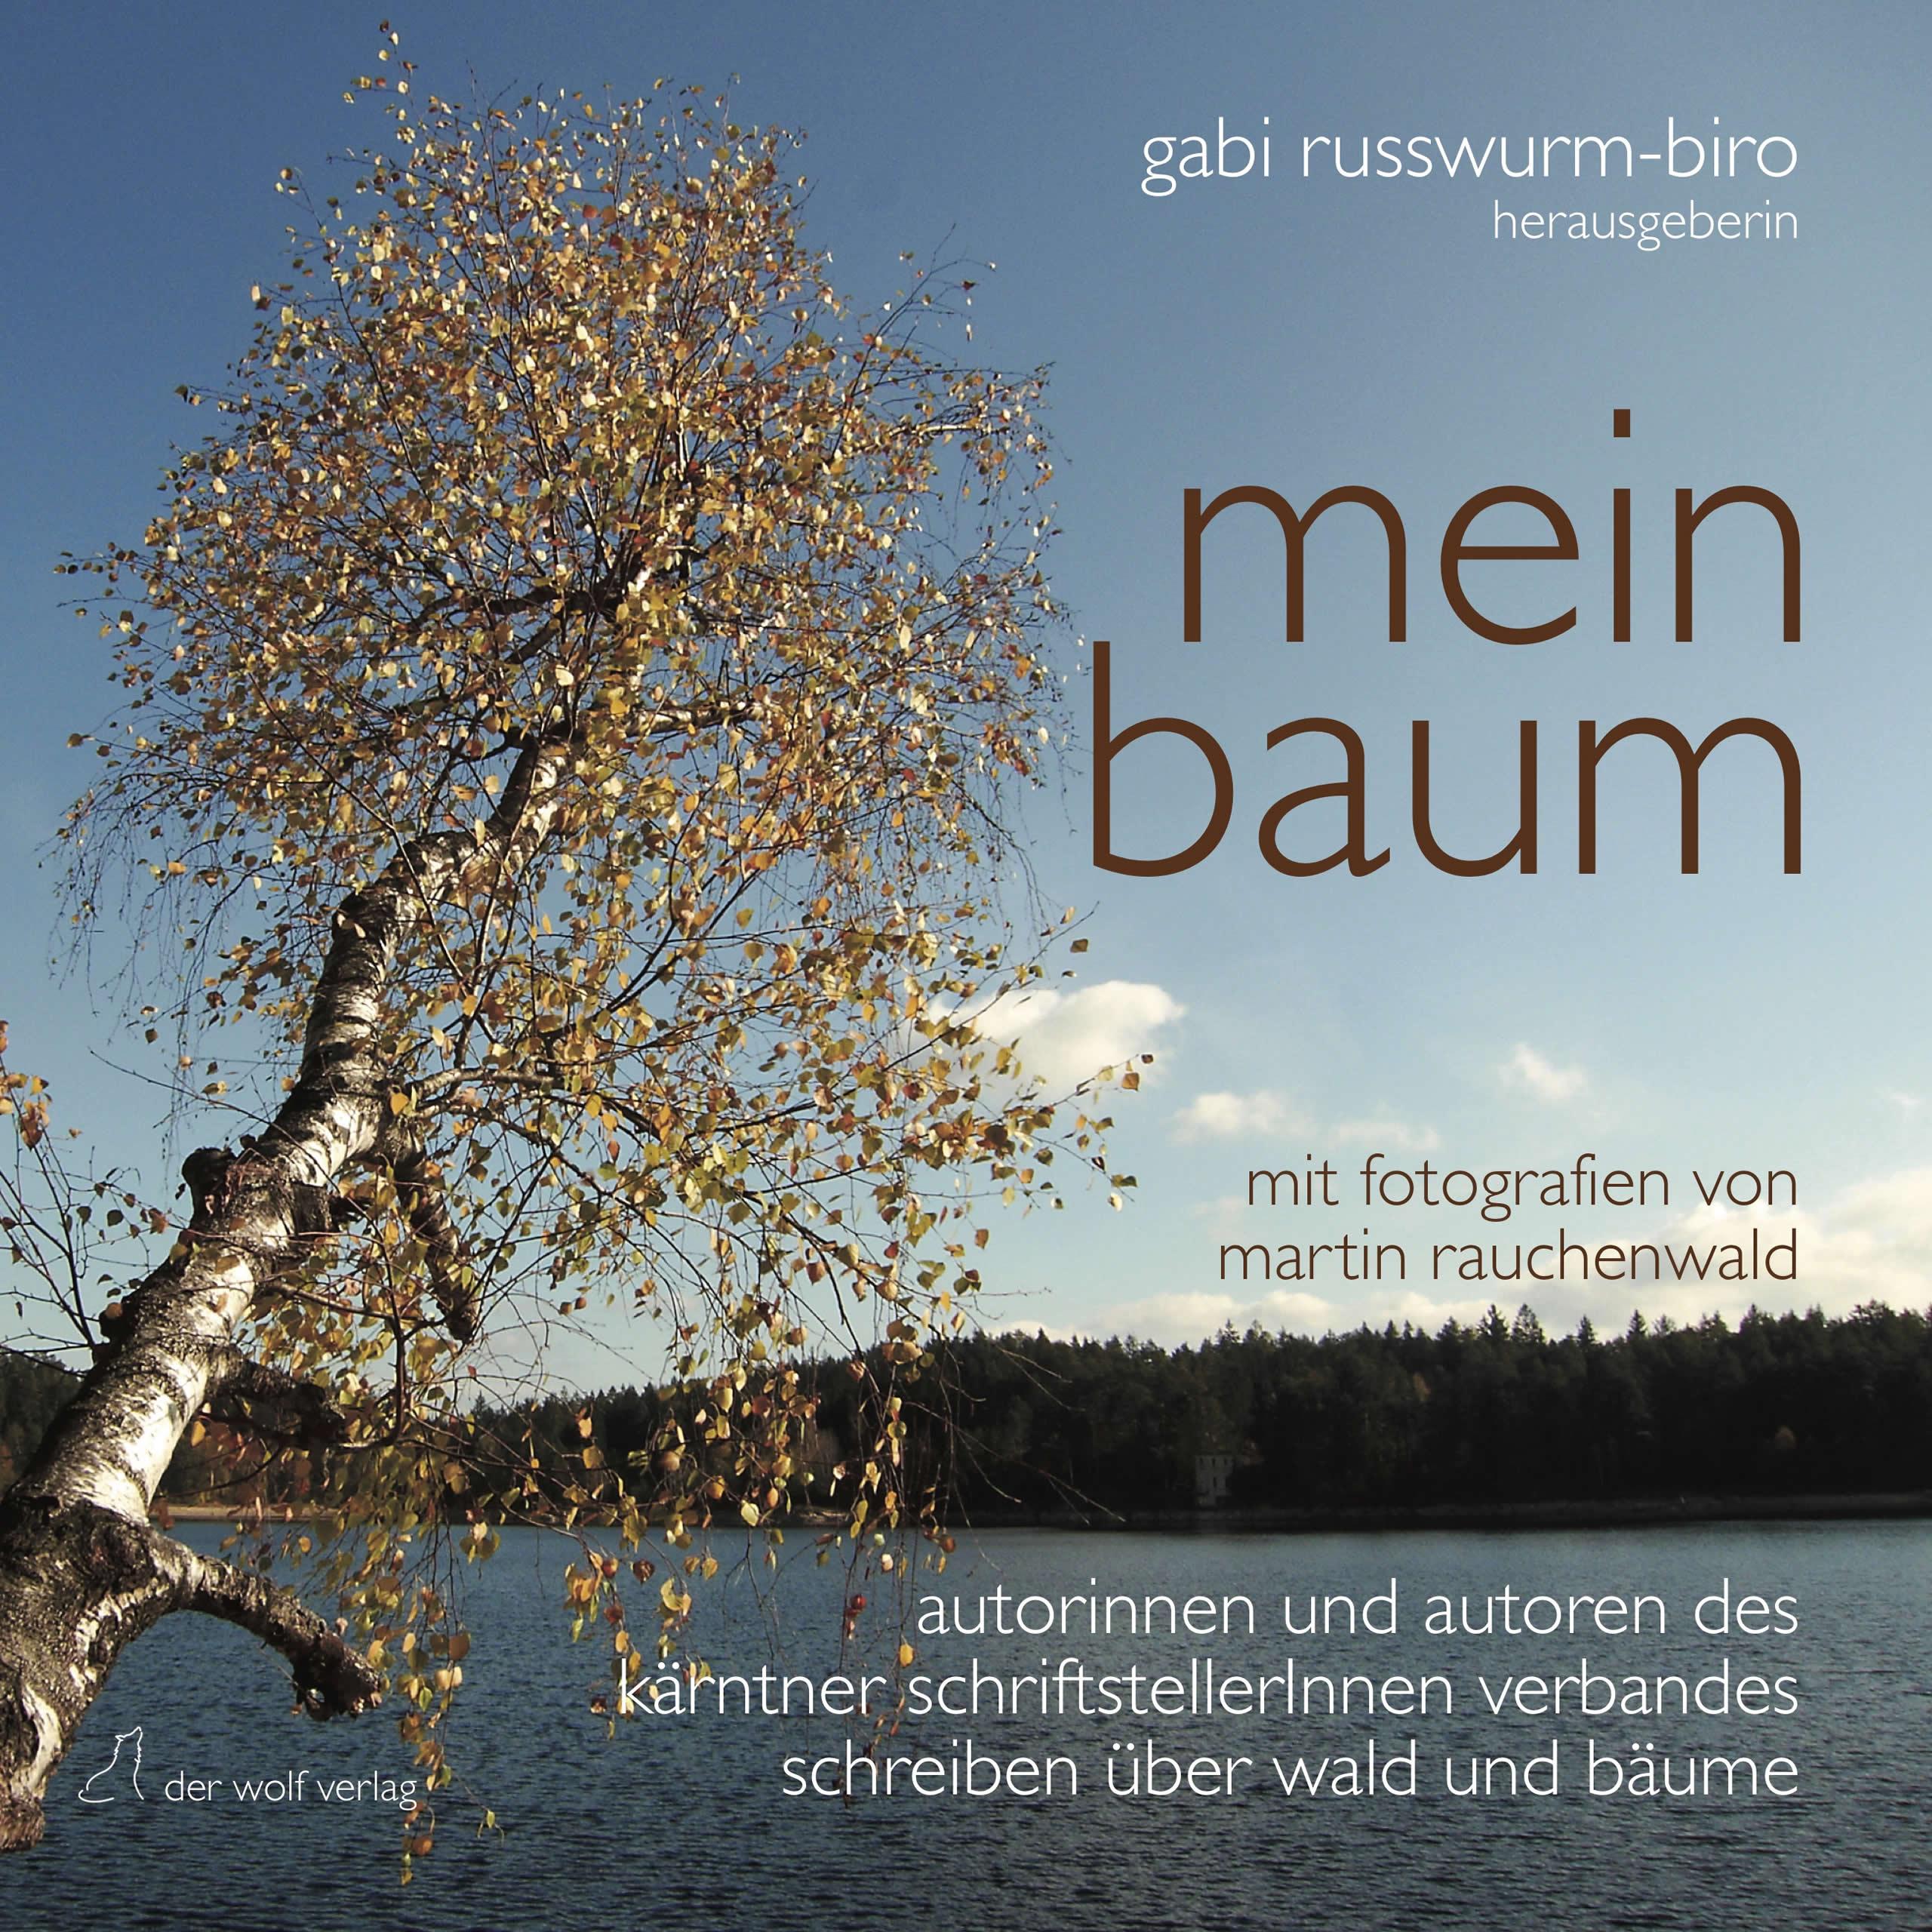 mein Baum | Anthologie | Herausgegeben von Gabriele Russwurm-Biro | der wolf verlag 2019